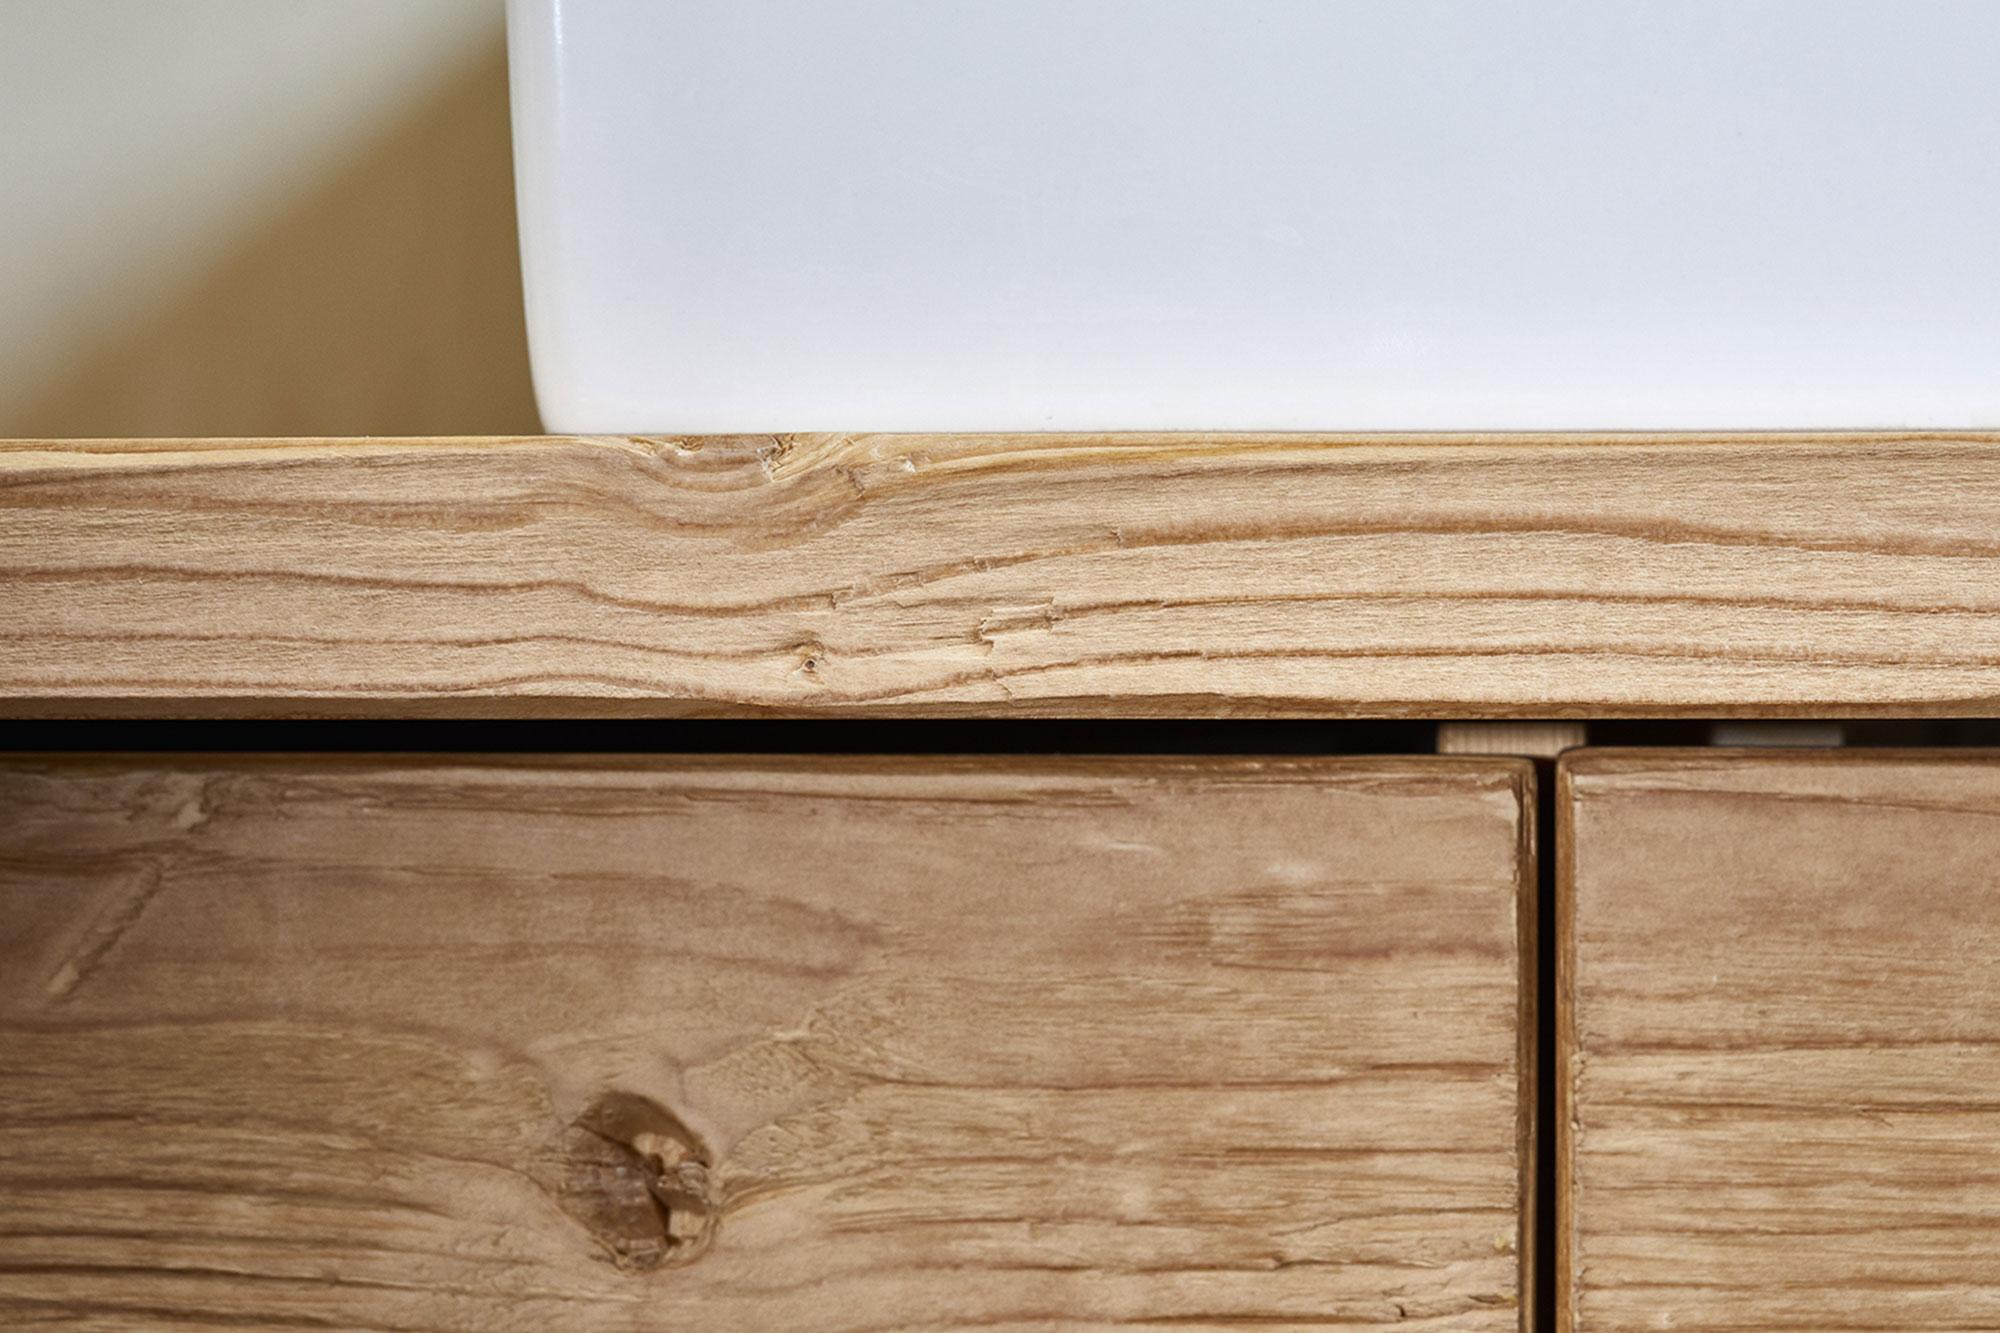 Tischlerei Stöckl Ebbs Inneneinrichtung Ferienhaus Möbel Detailaufnahme Holz